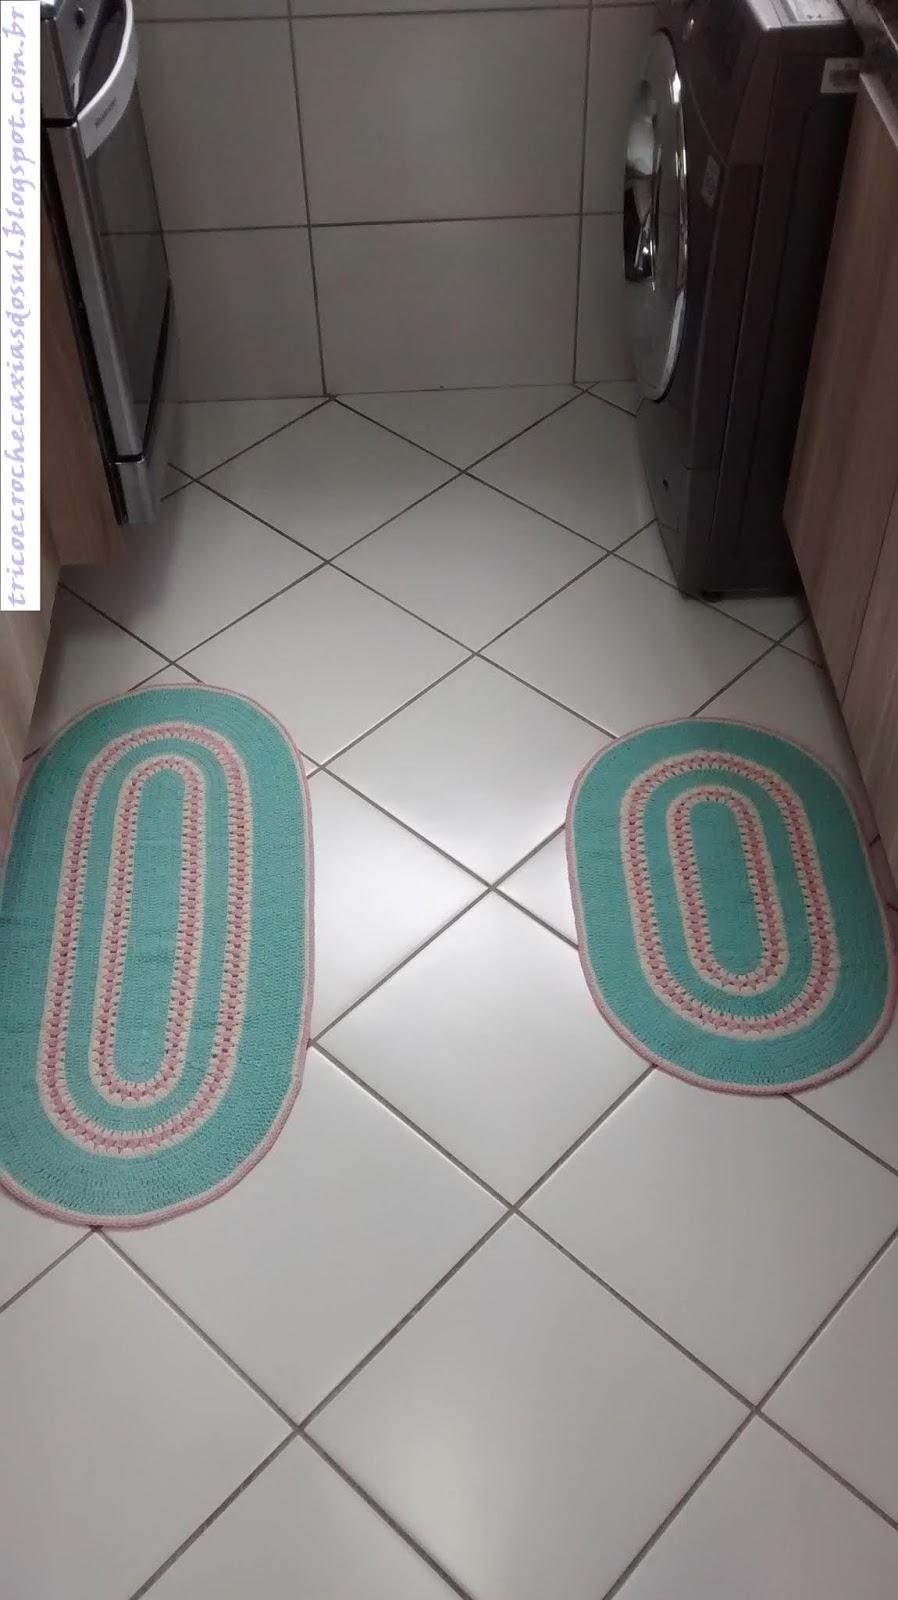 Tric E Croch Caxias Do Sul 5 19 Tapete De Croch Tricolor Grande -> Tapete Croche Grande